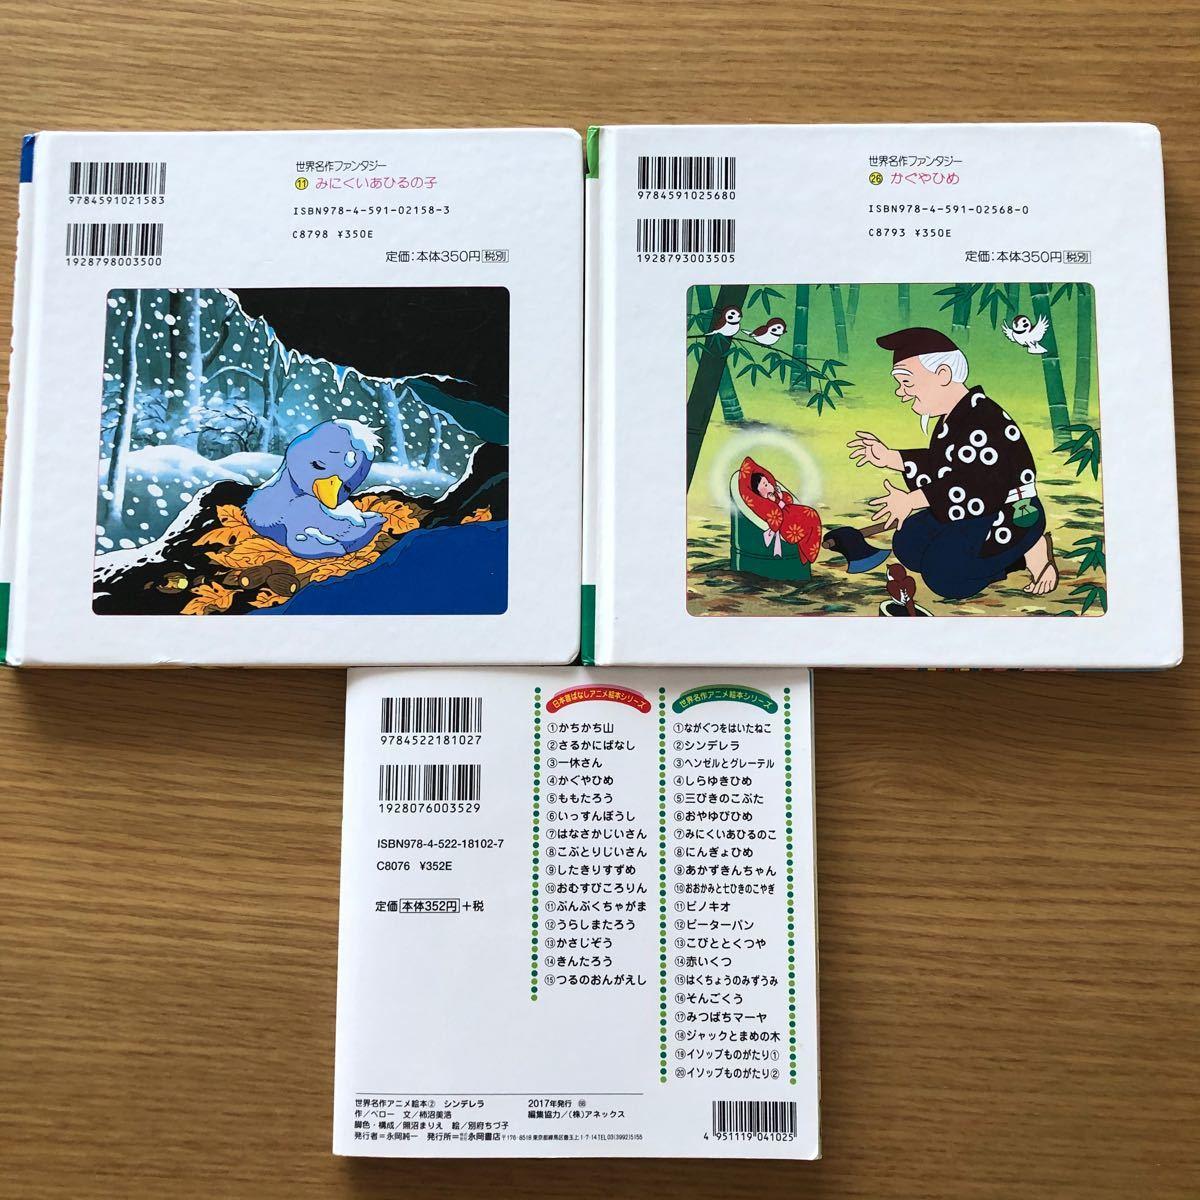 世界名作アニメ絵本 3冊セット 送料込み